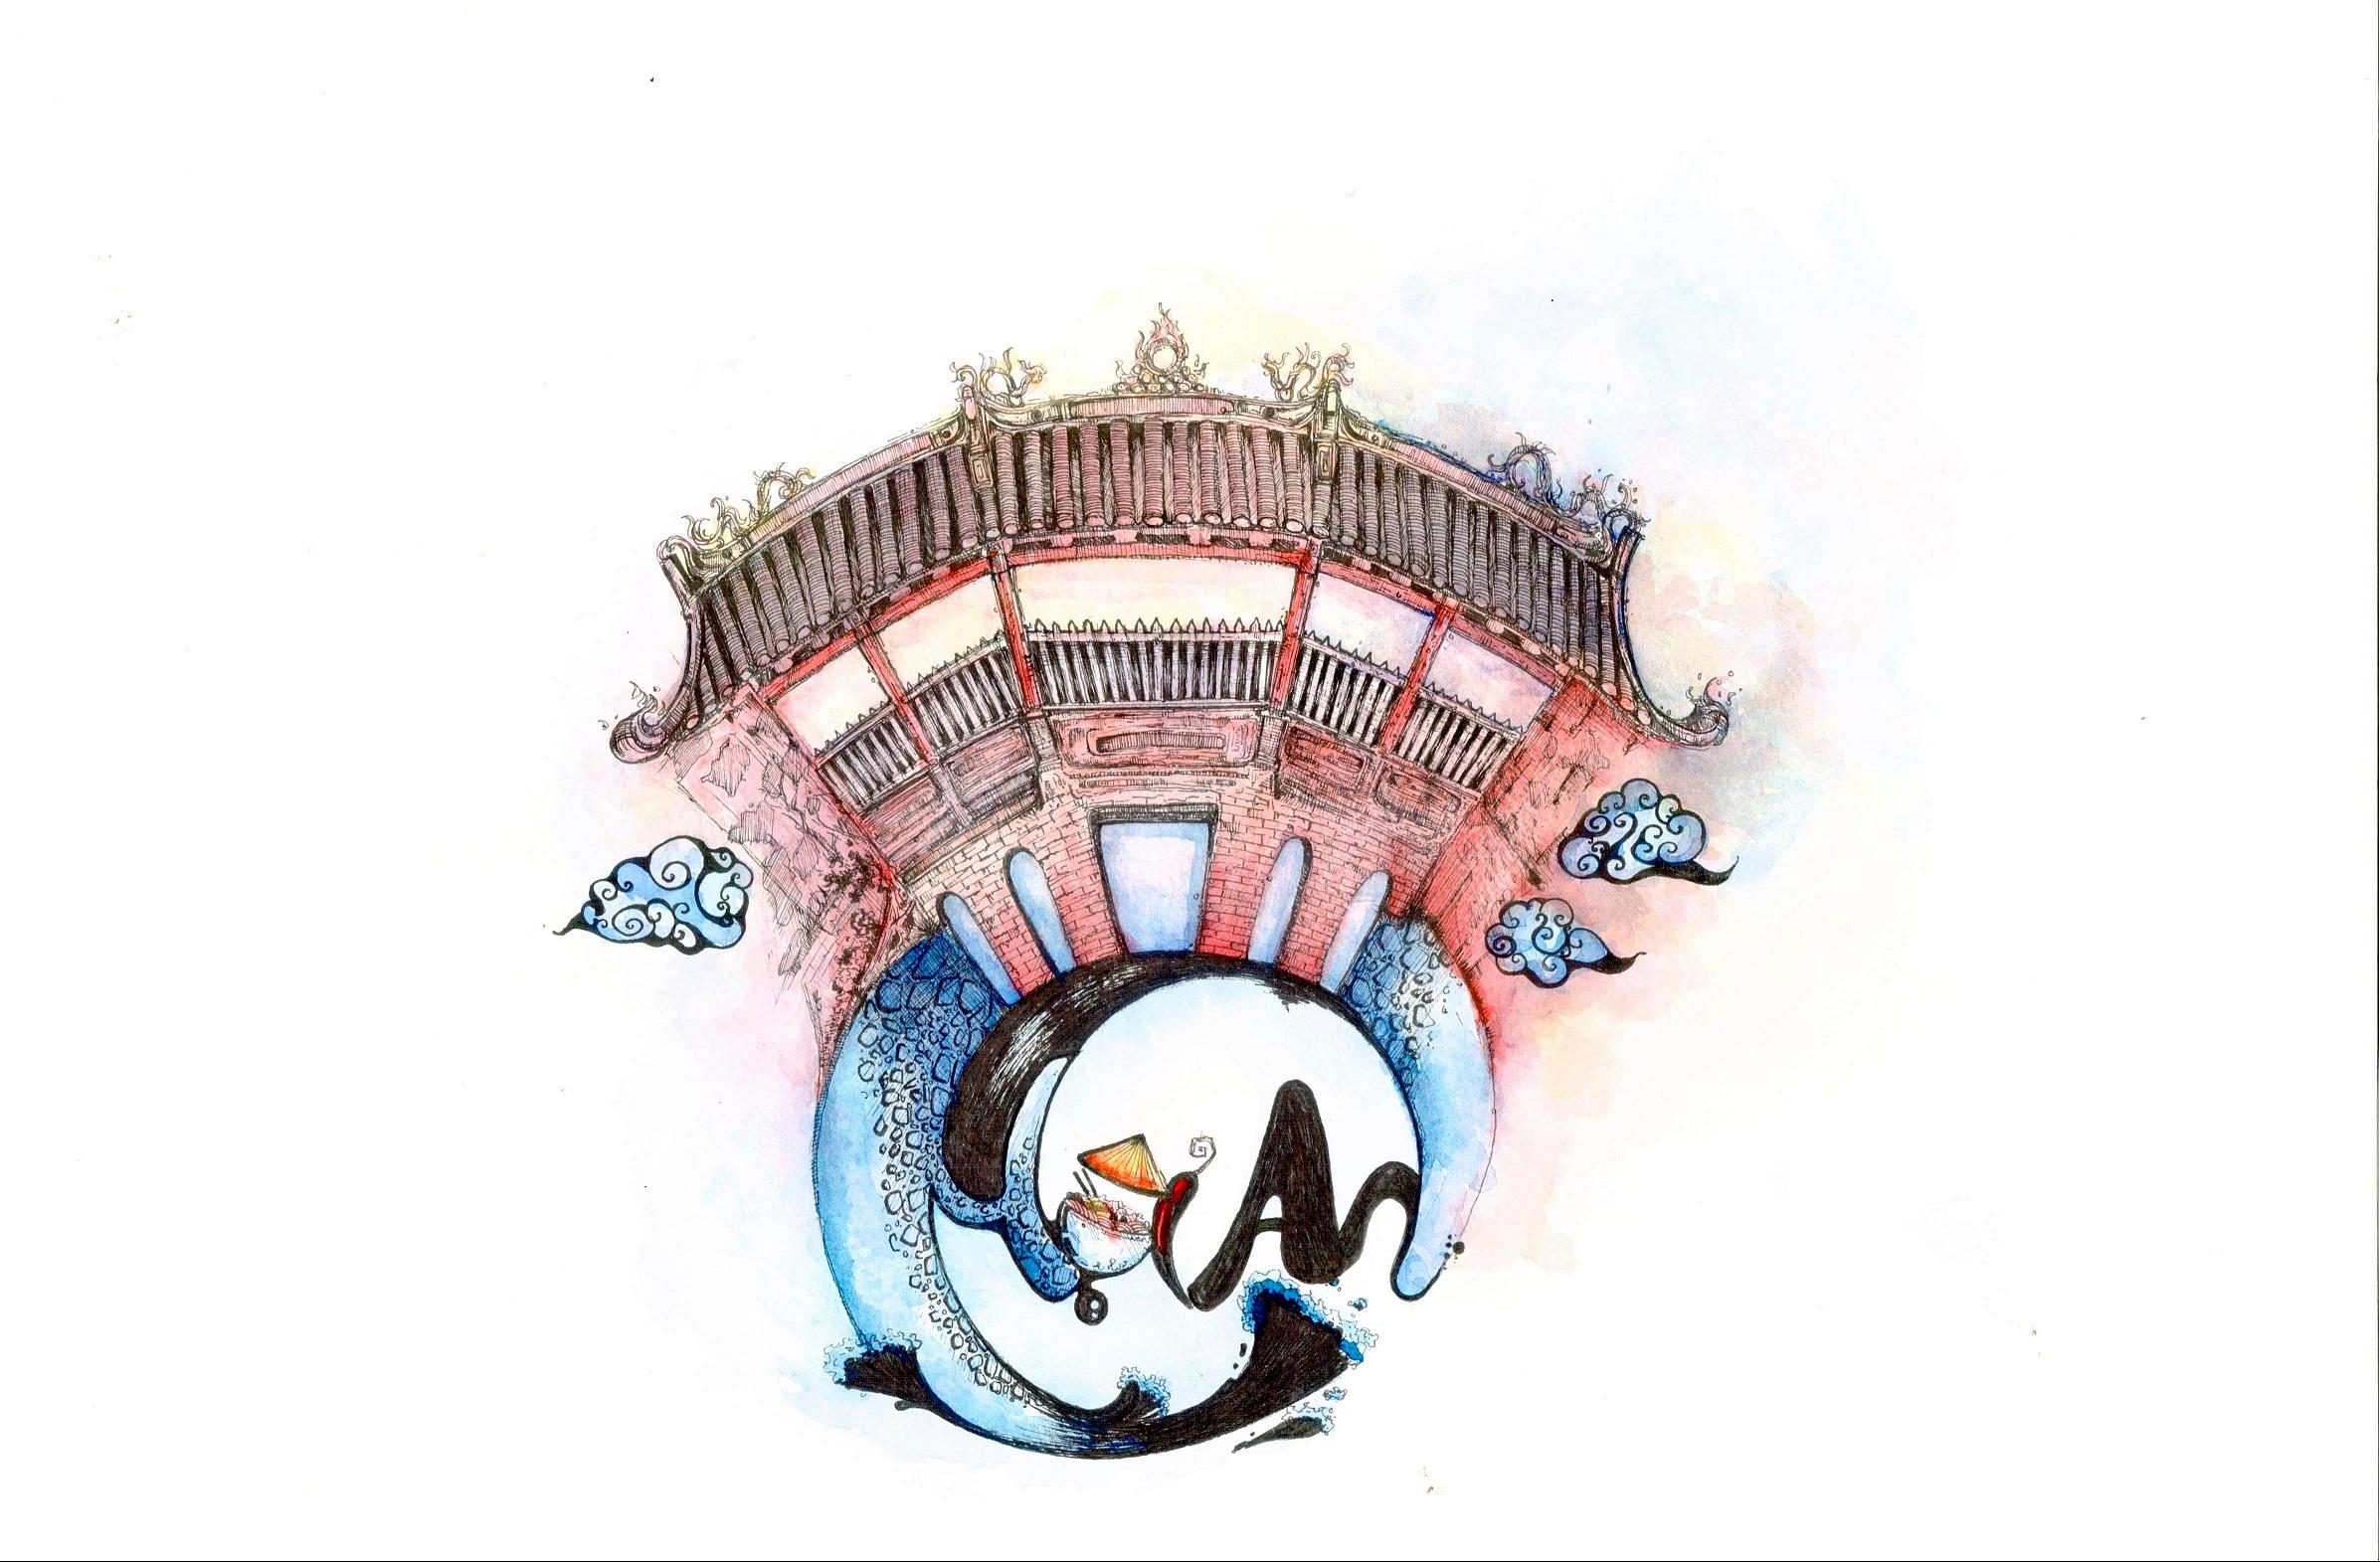 Lại có thêm bộ ảnh vẽ Việt Nam đẹp đến mê ...